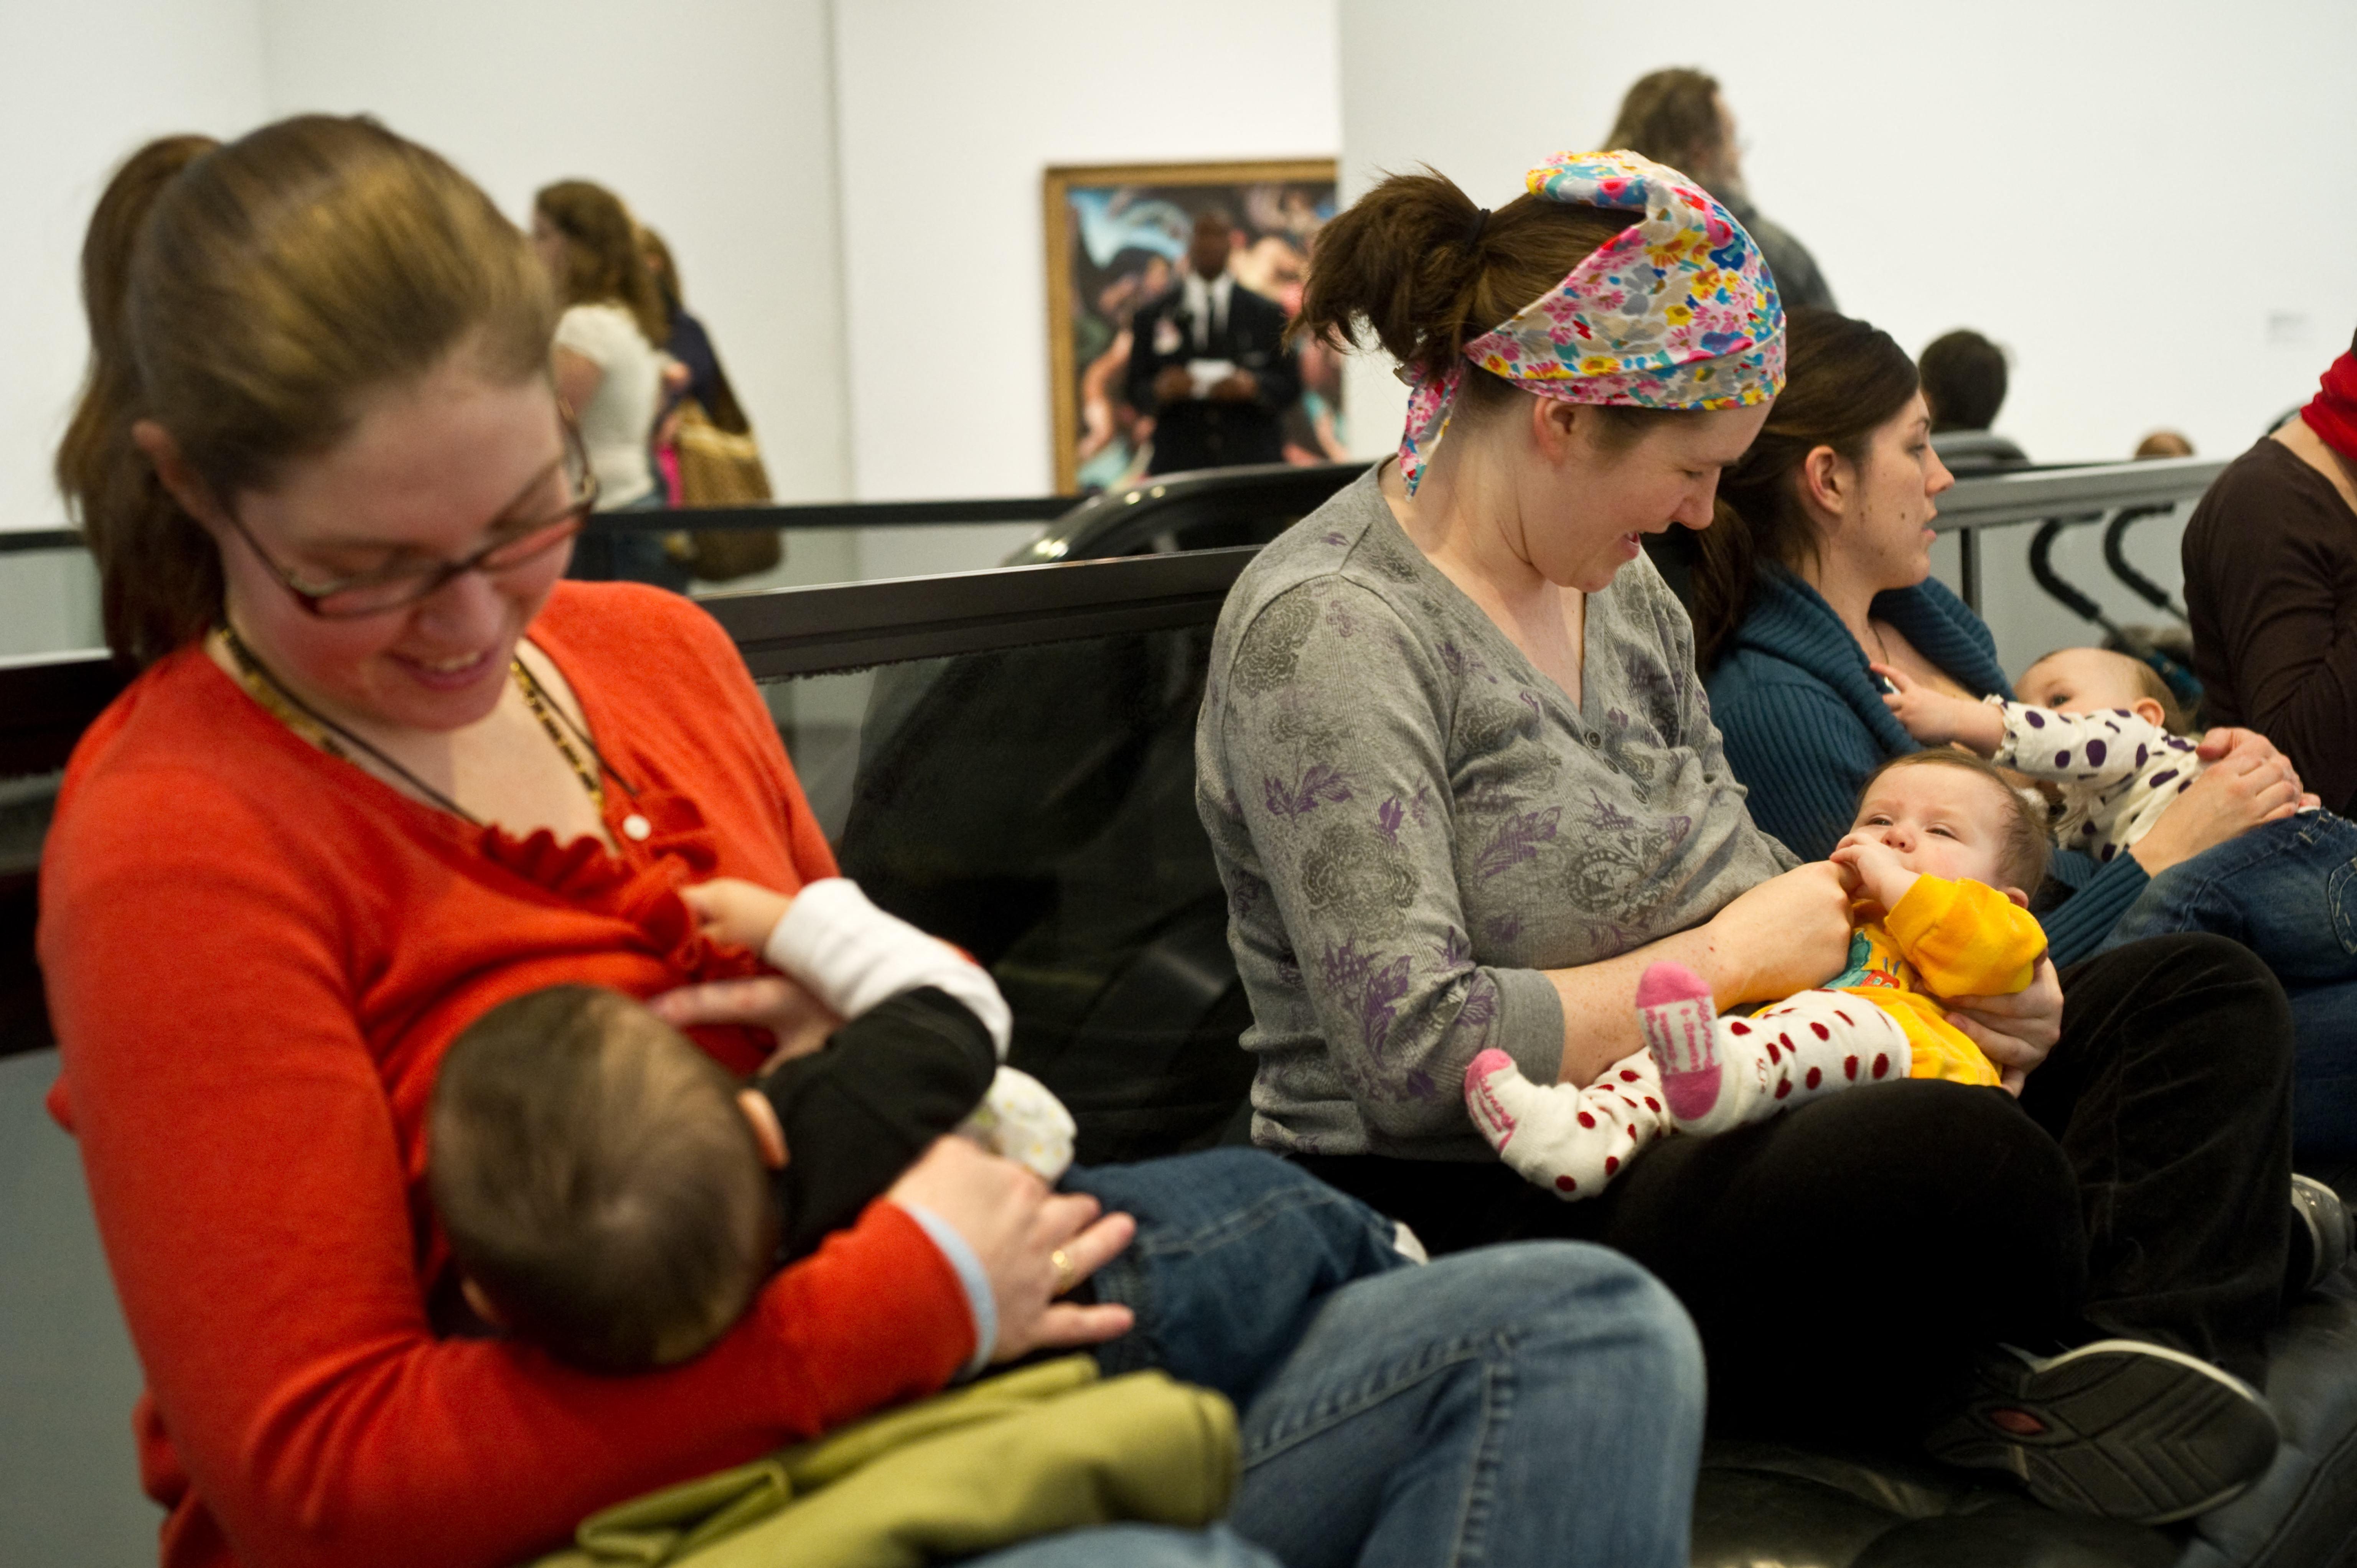 Romániában ezentúl pénzbírságot kaphat, aki a nyilvános helyeken szoptató anyákat elküldené vagy nem szolgálja ki